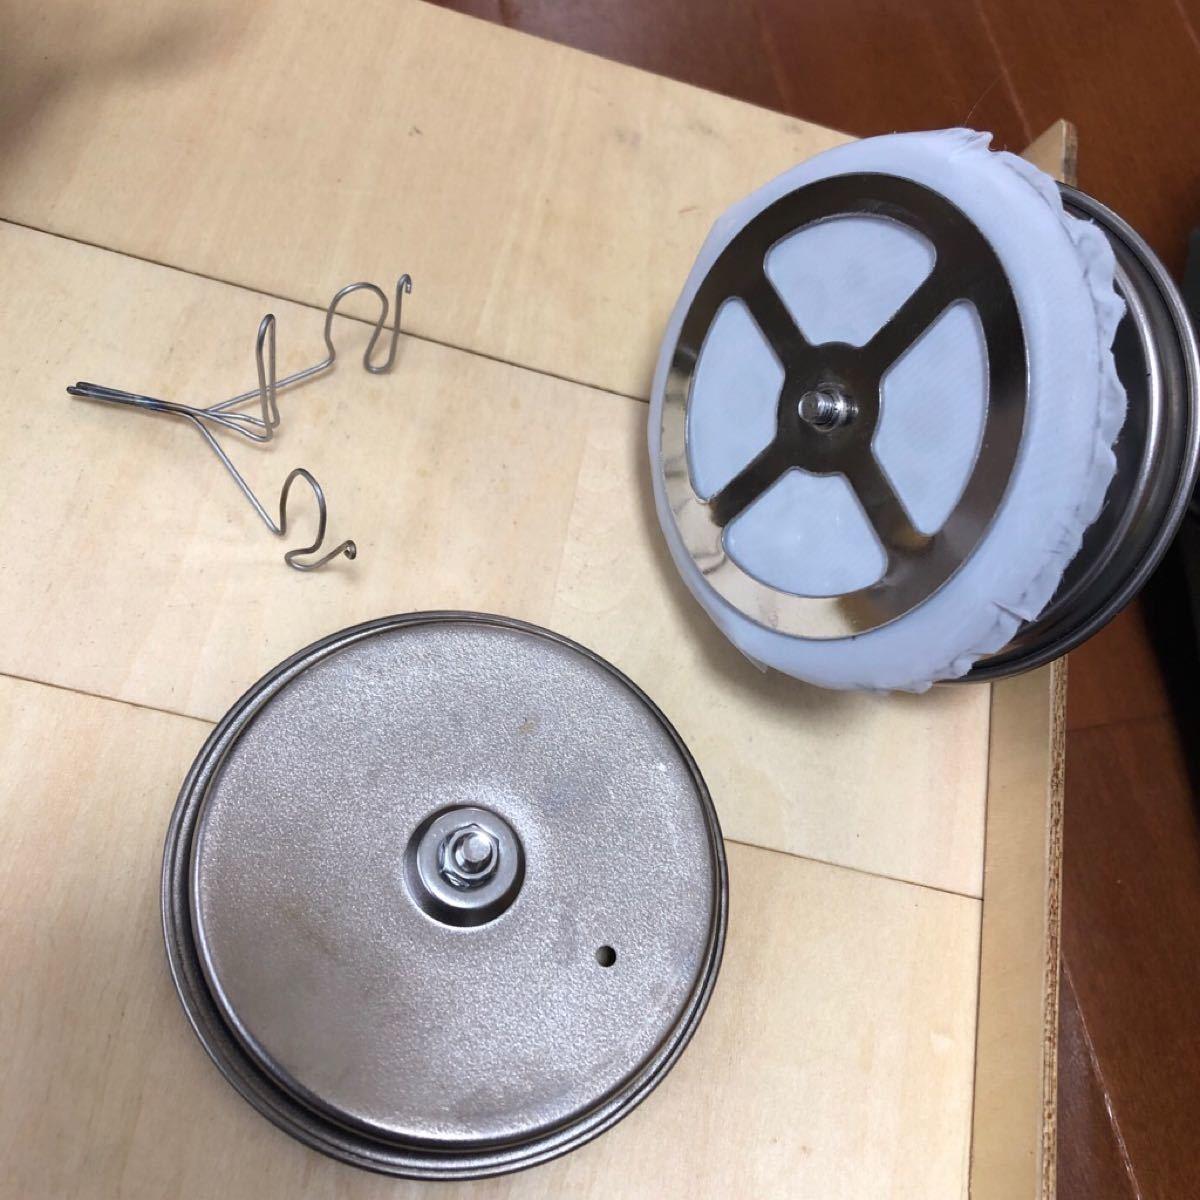 スノーピーク  チタン カフェプレス + チタン製蓋 + ワイヤースキッター